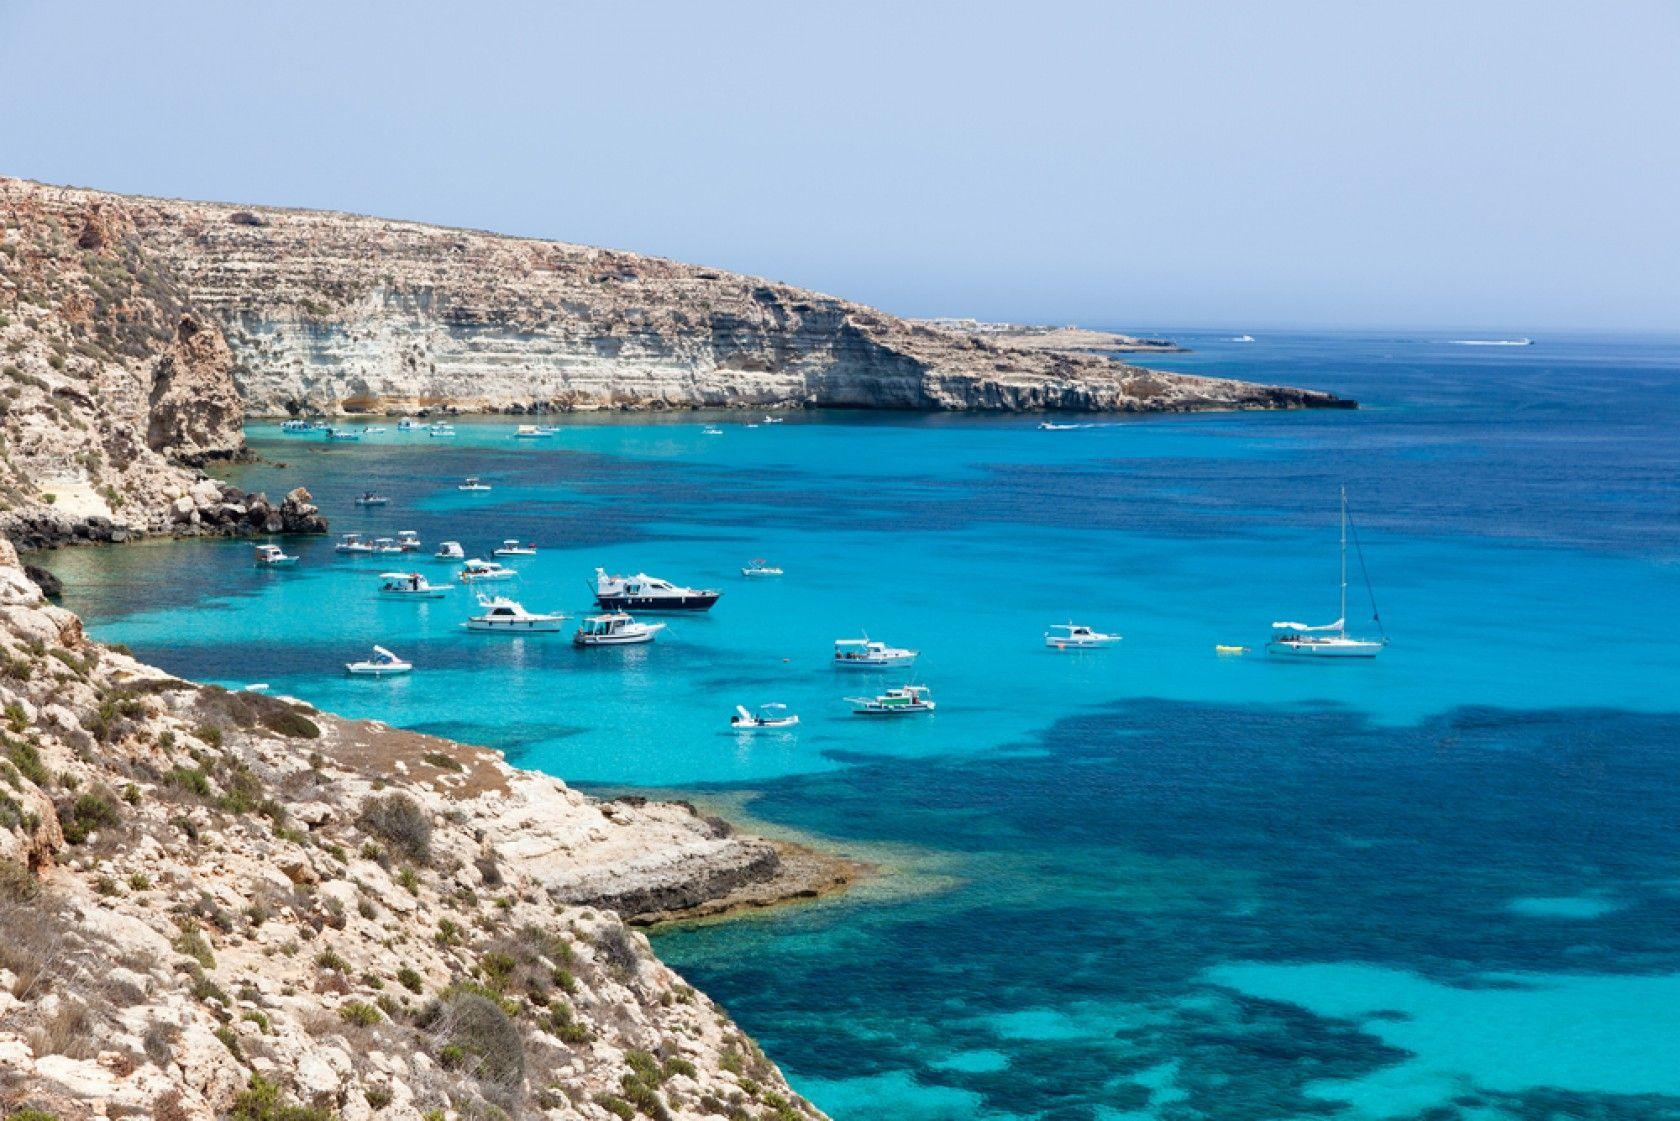 Empezamos con una pregunta que no debe faltar: ¿Cuál es la isla más grande del Mediterráneo?